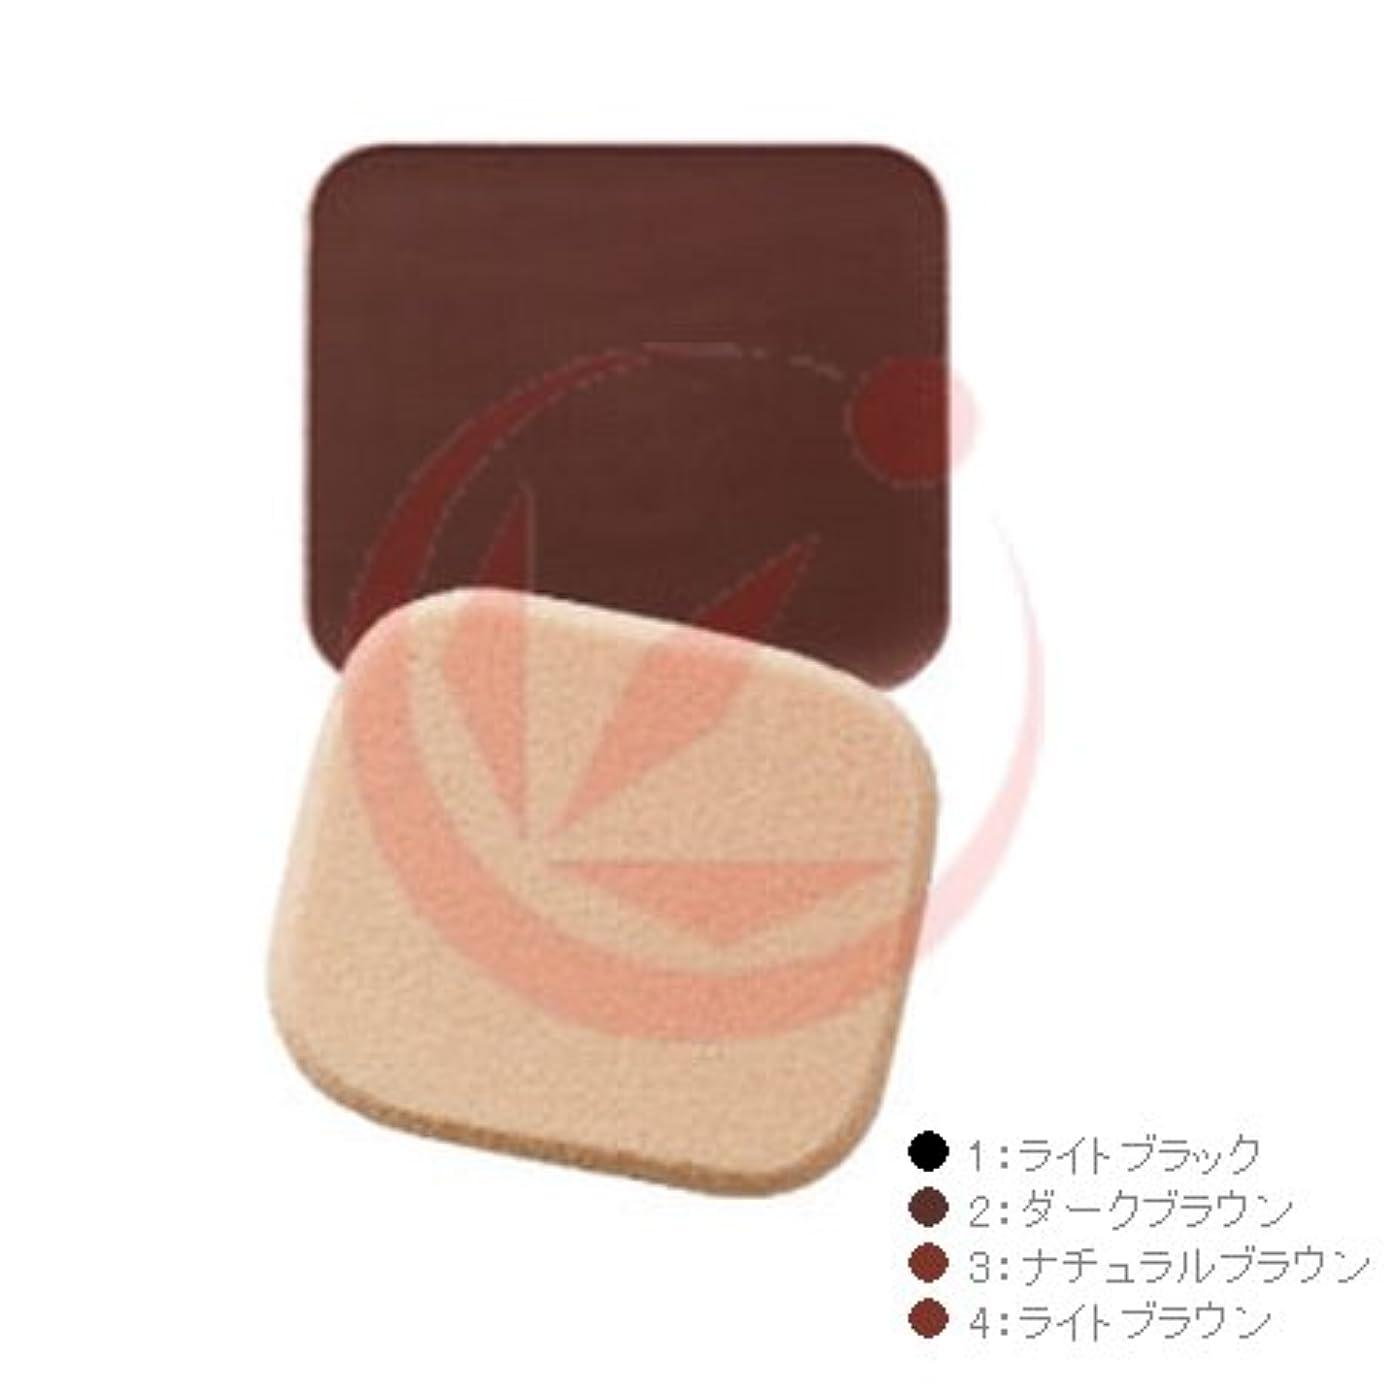 内部ロバ同じイリヤ 彩(いろどり) ヘアファンデーション 13g 詰替用 パフ付 ダークブラウン